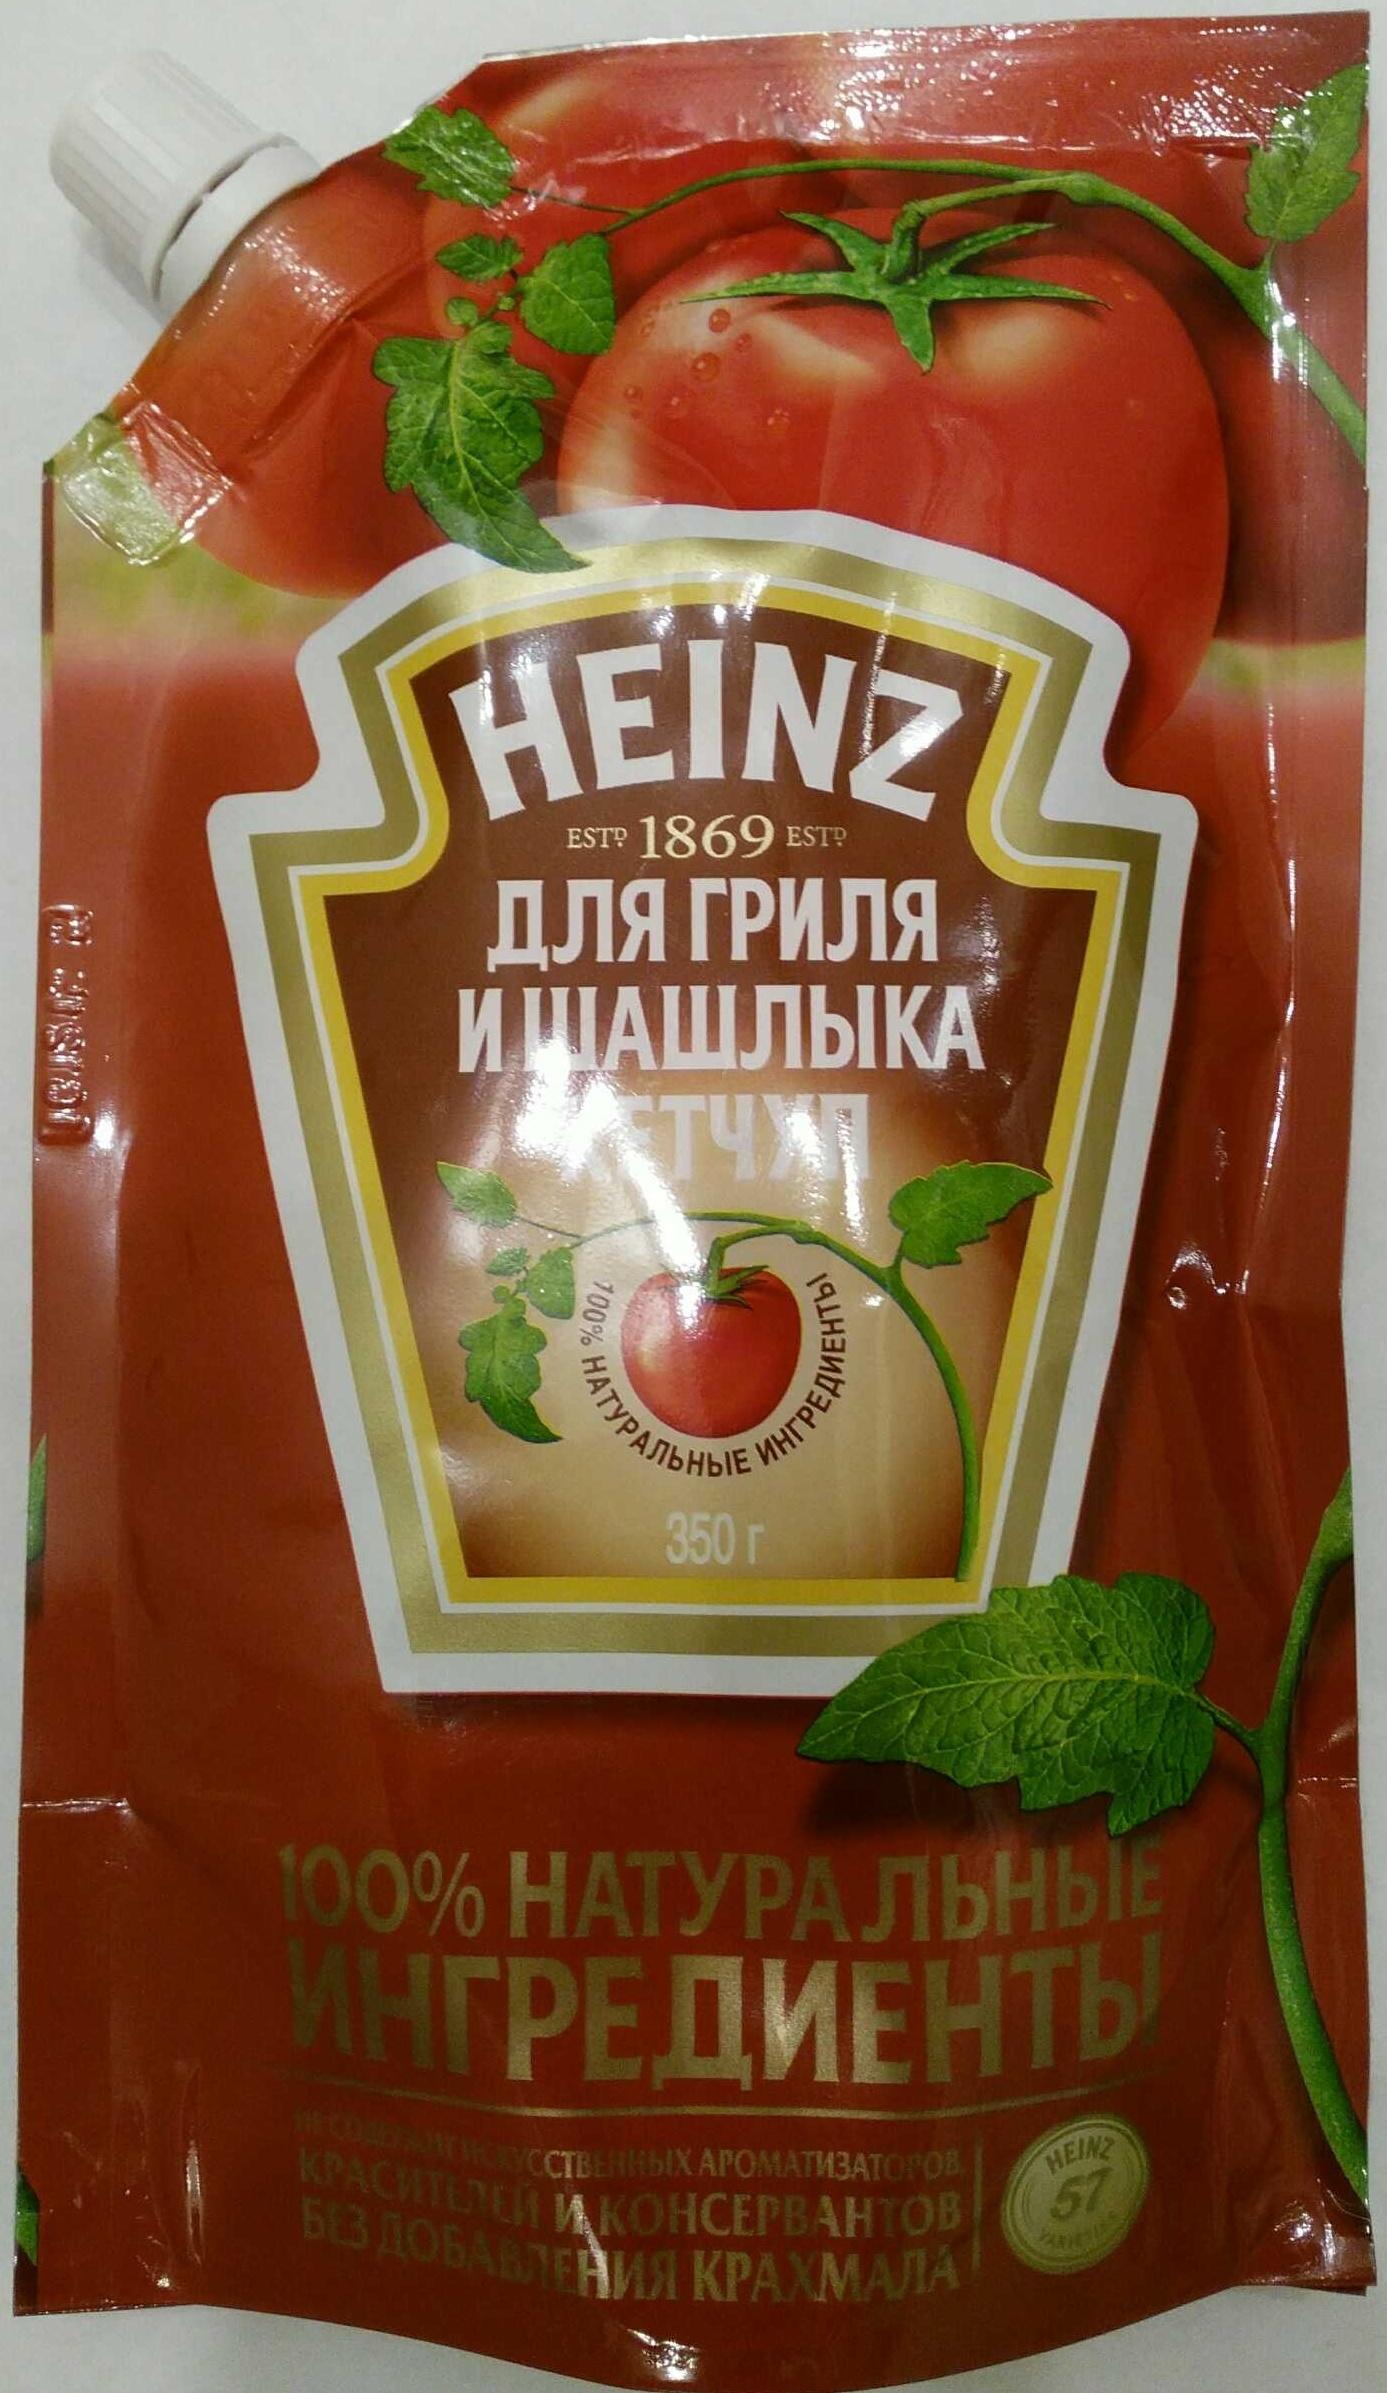 Ketchup russe - Product - en